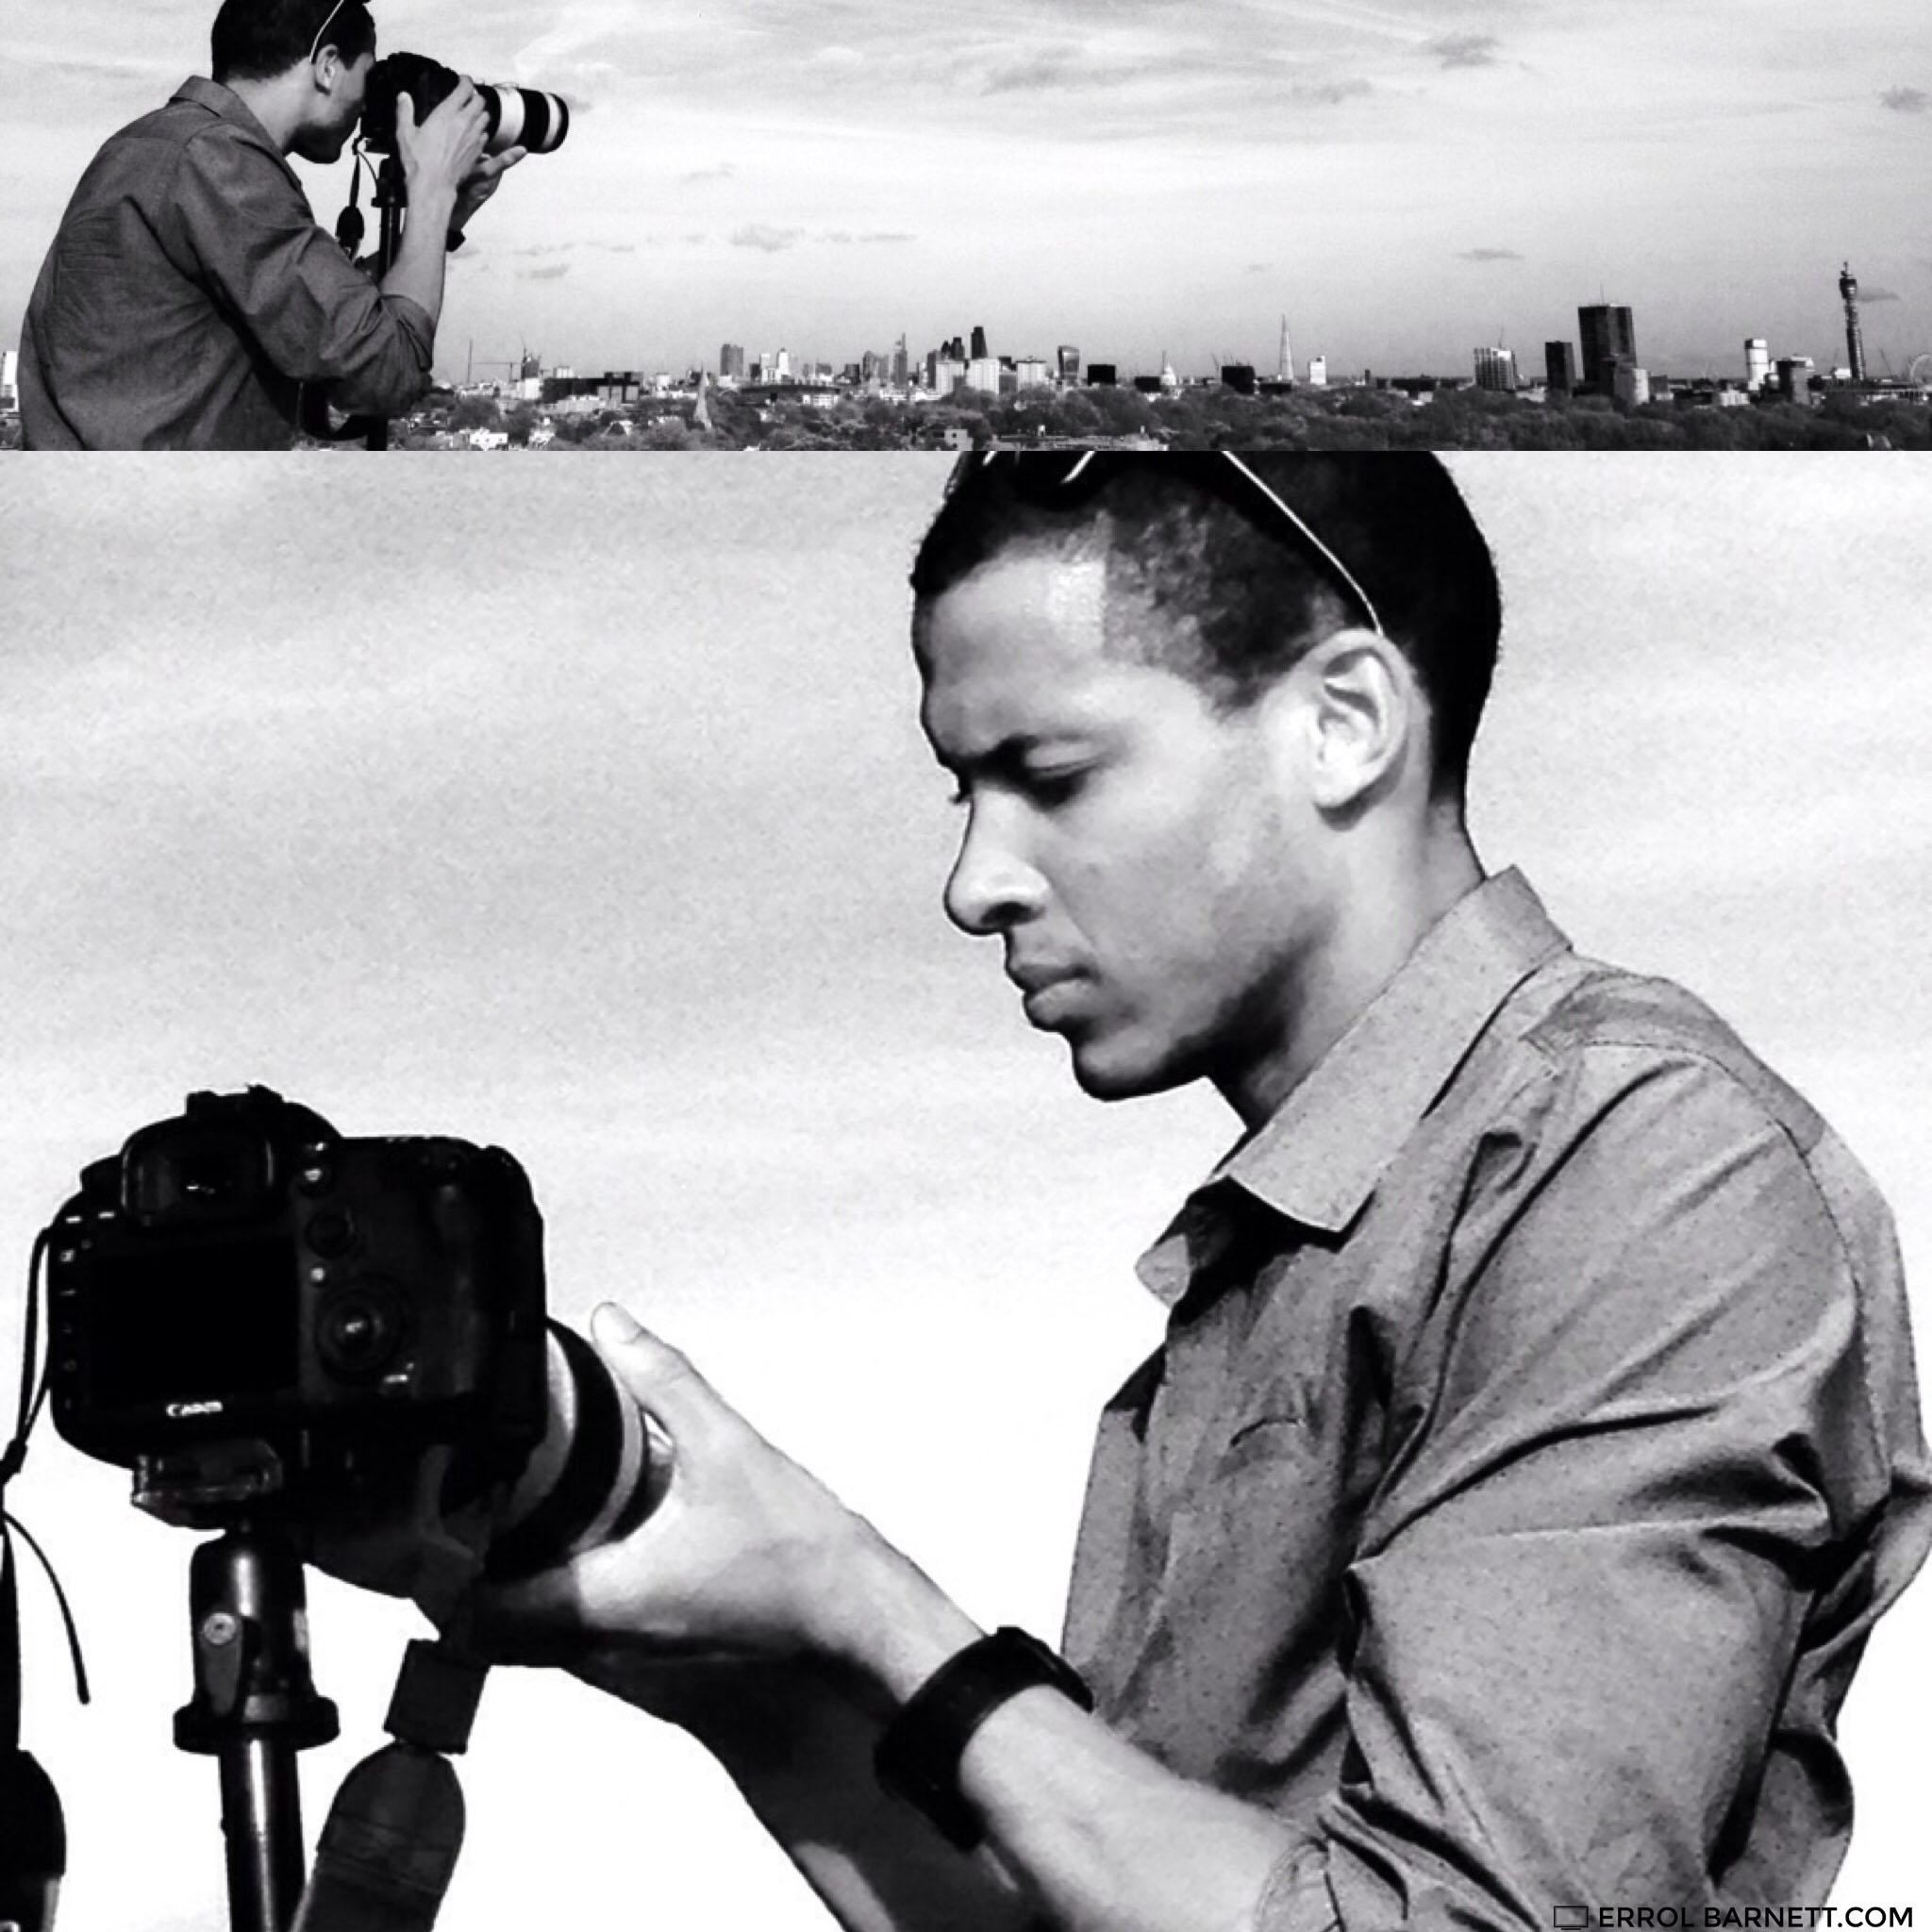 Errol Barnett taking pictures of the London skyline, April, 2015.